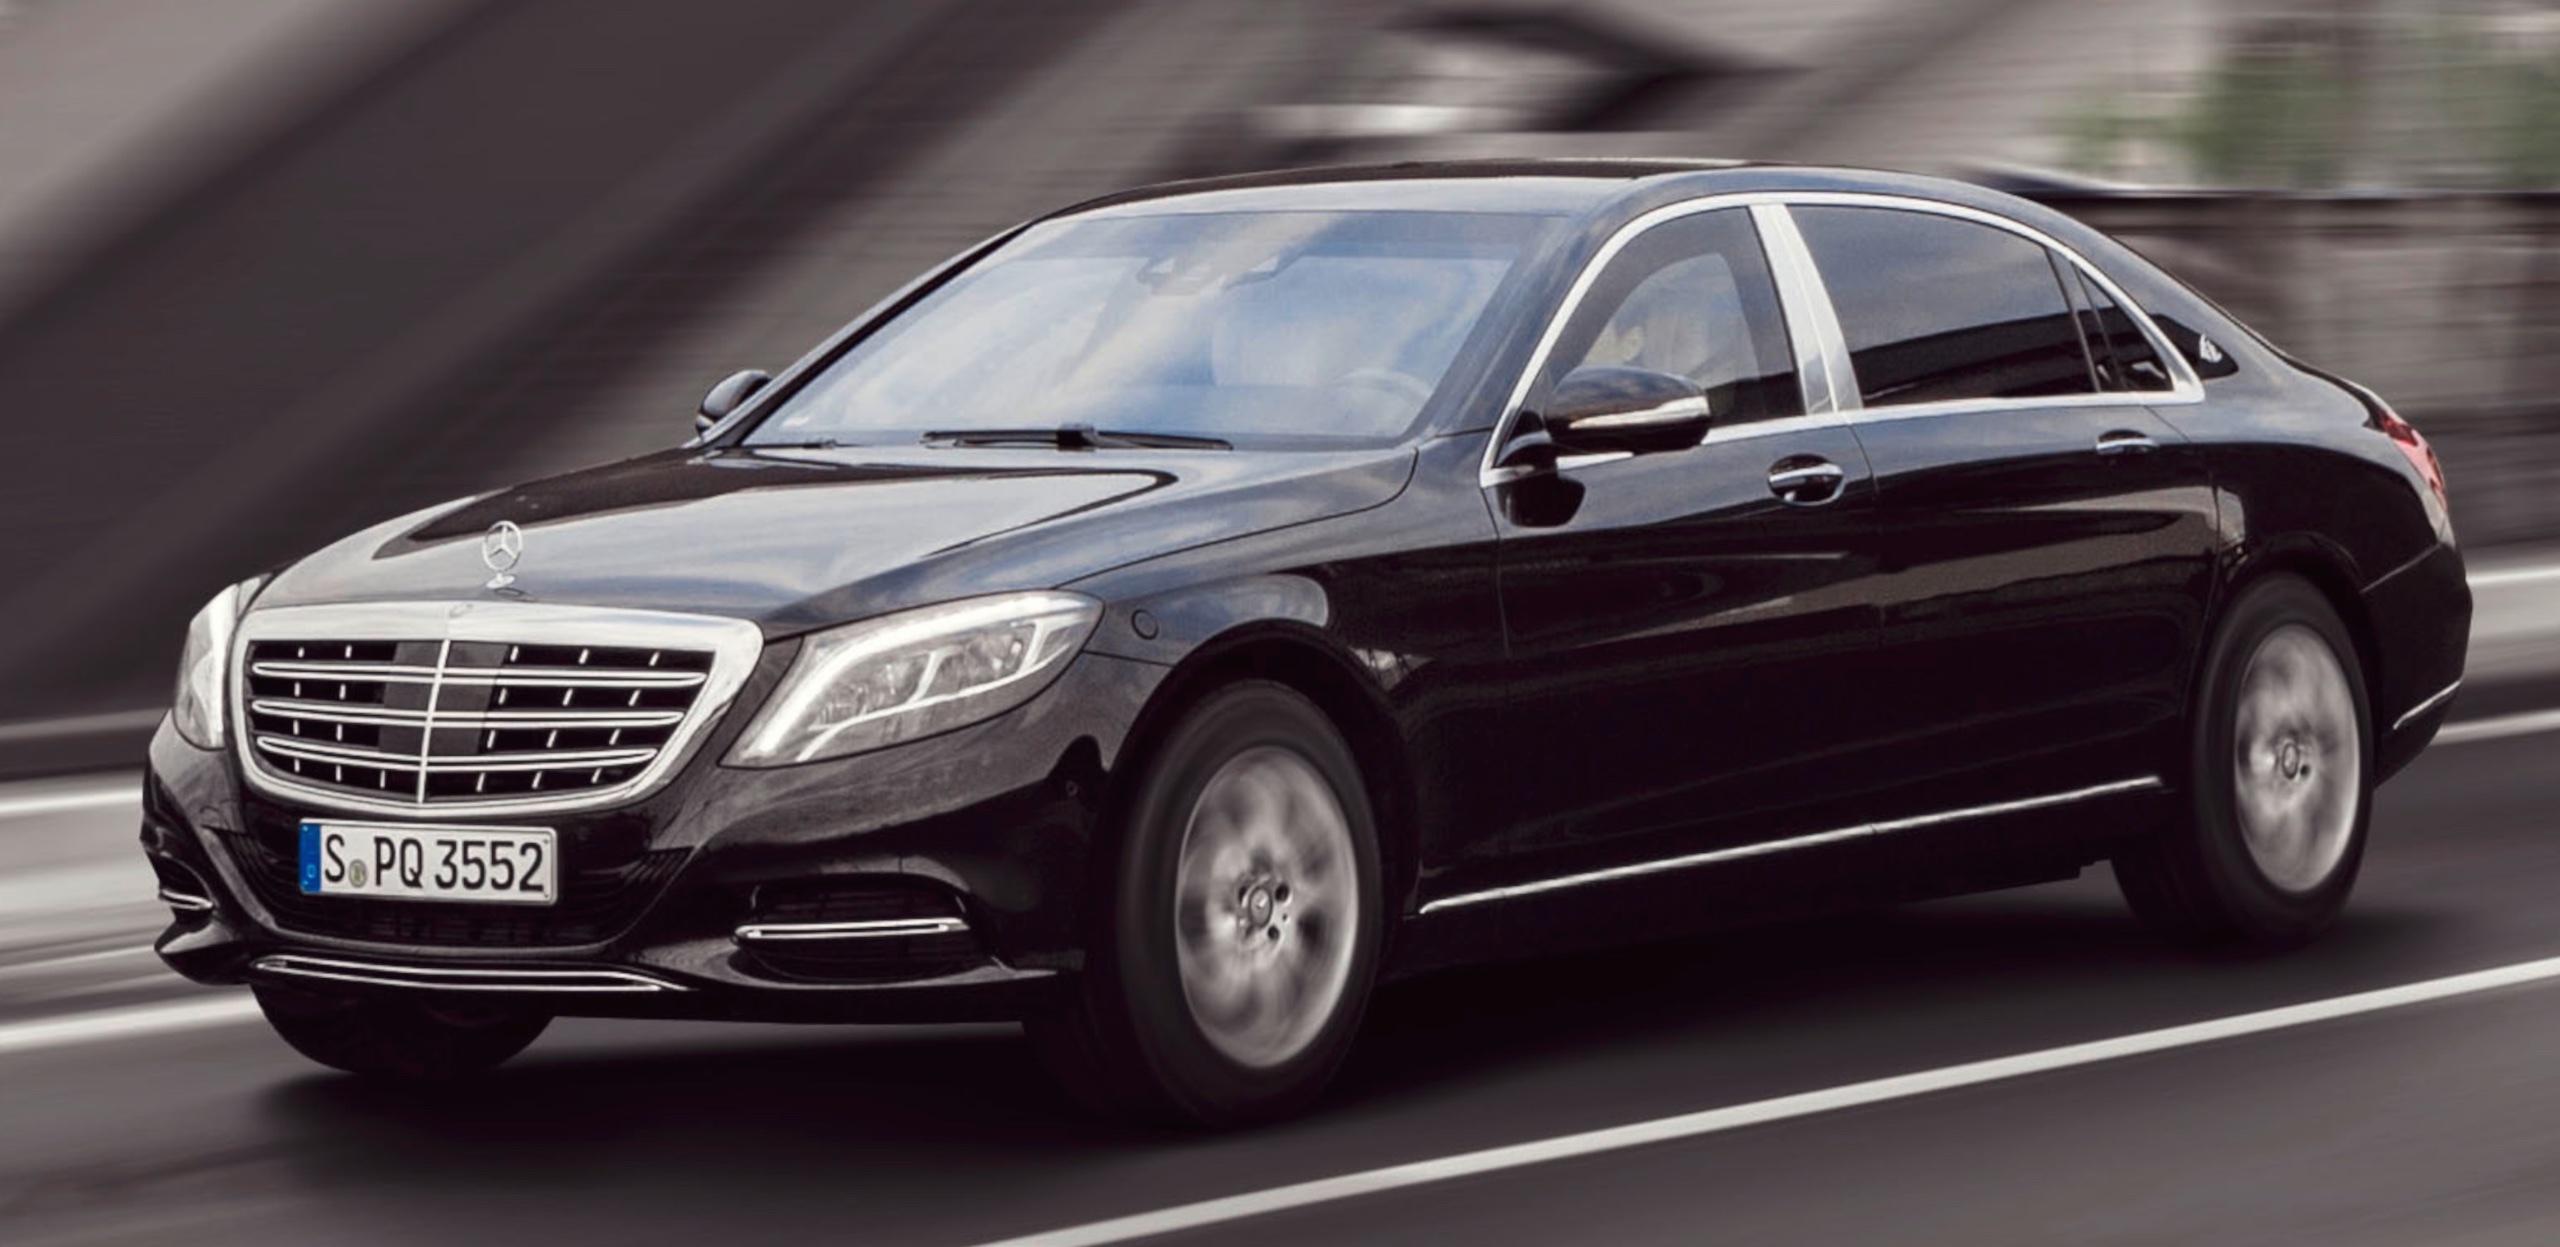 Автобаза президента закупит бронированные Mercedes за 42 миллиона